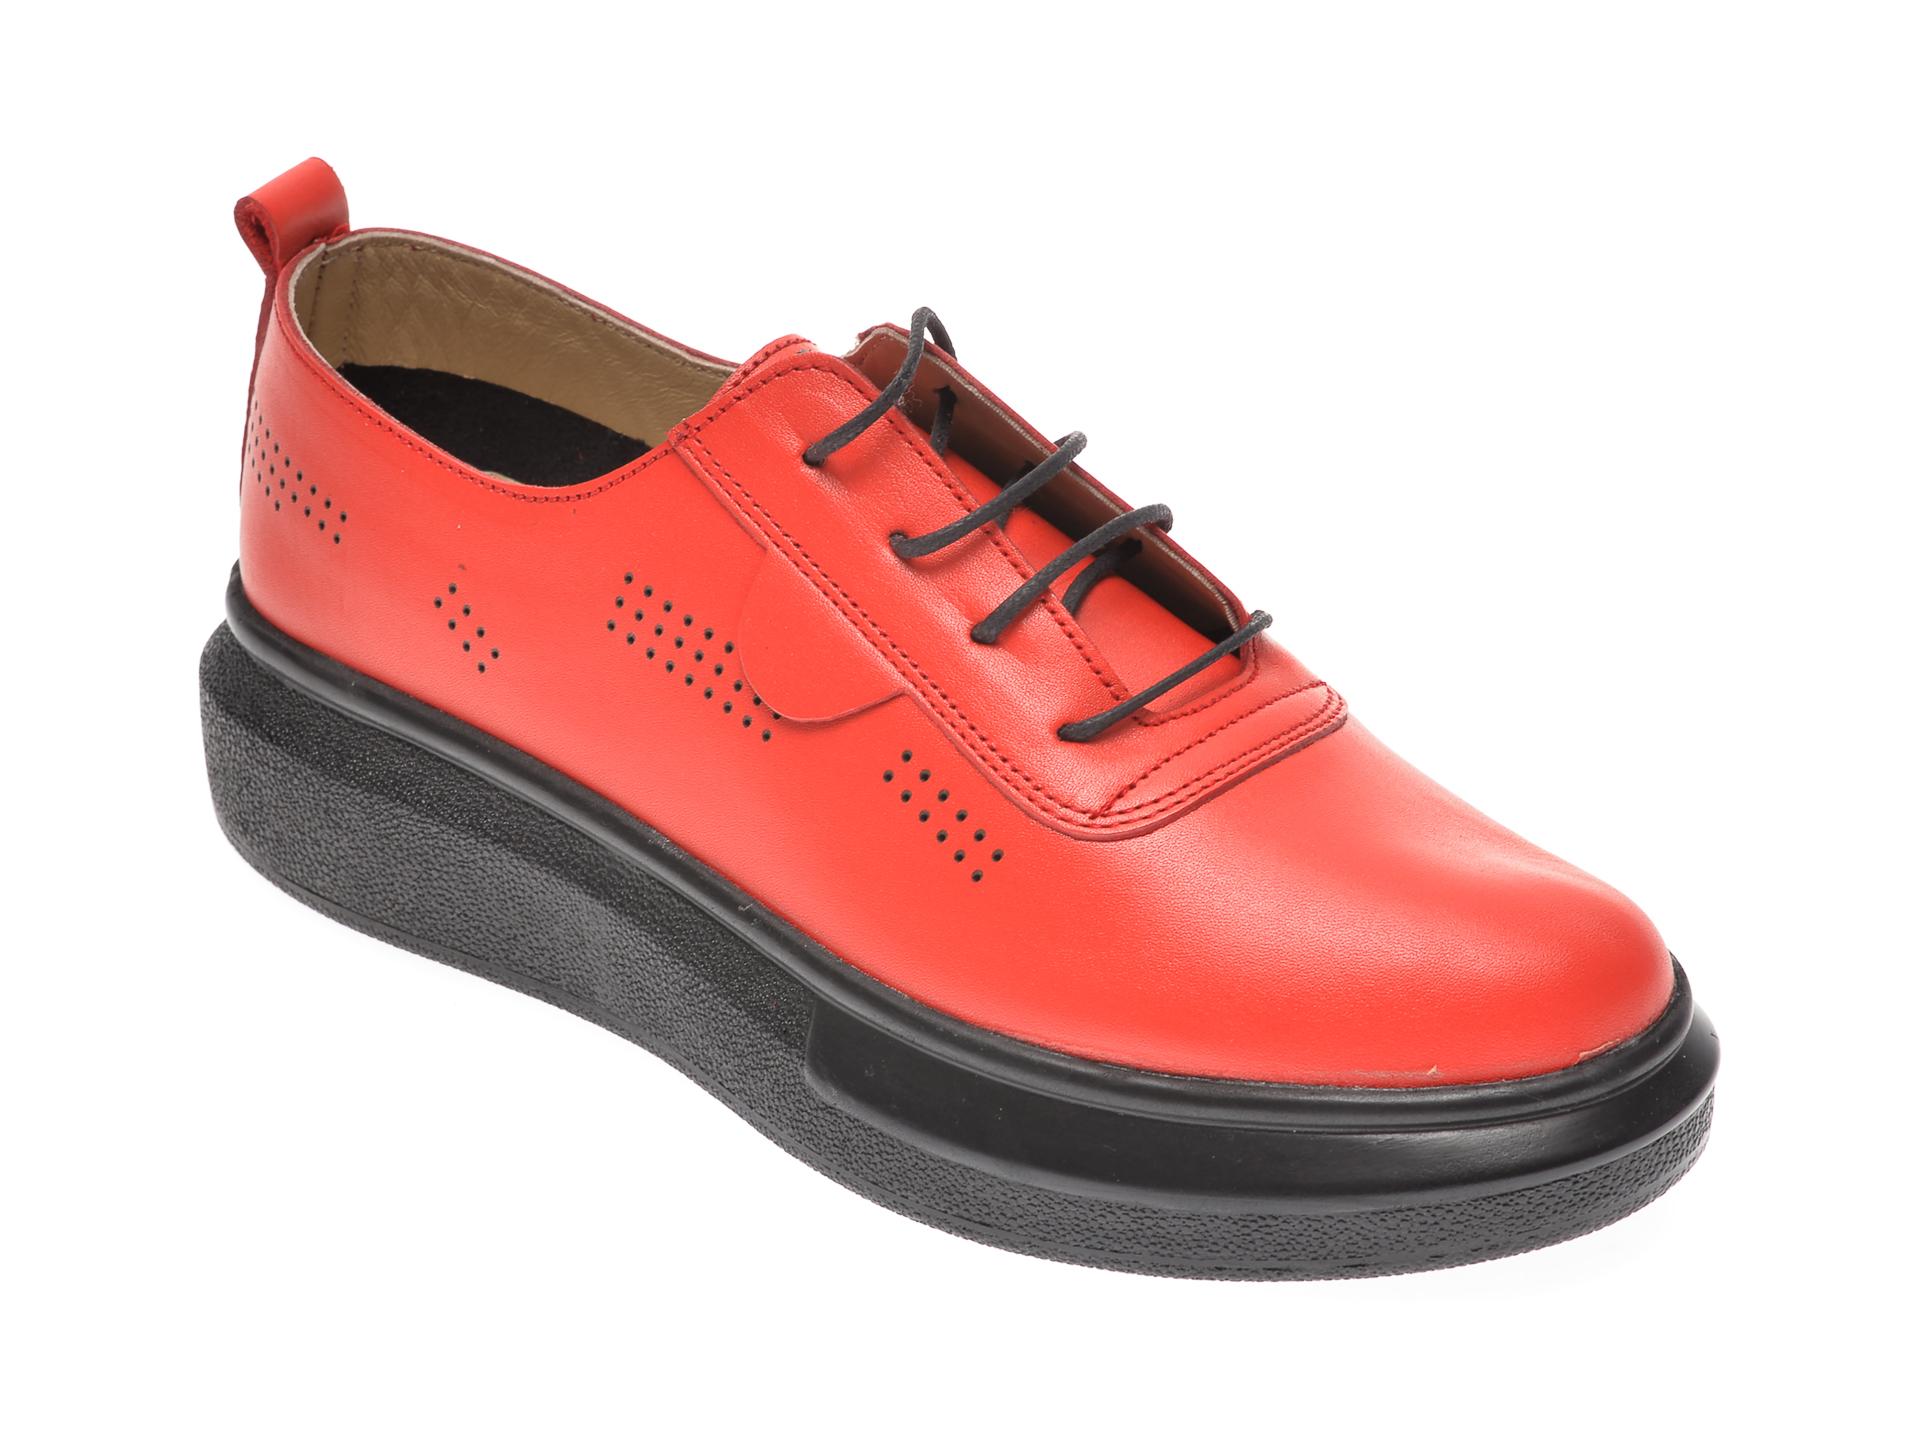 Pantofi PASS COLLECTION rosii, 92100, din piele naturala